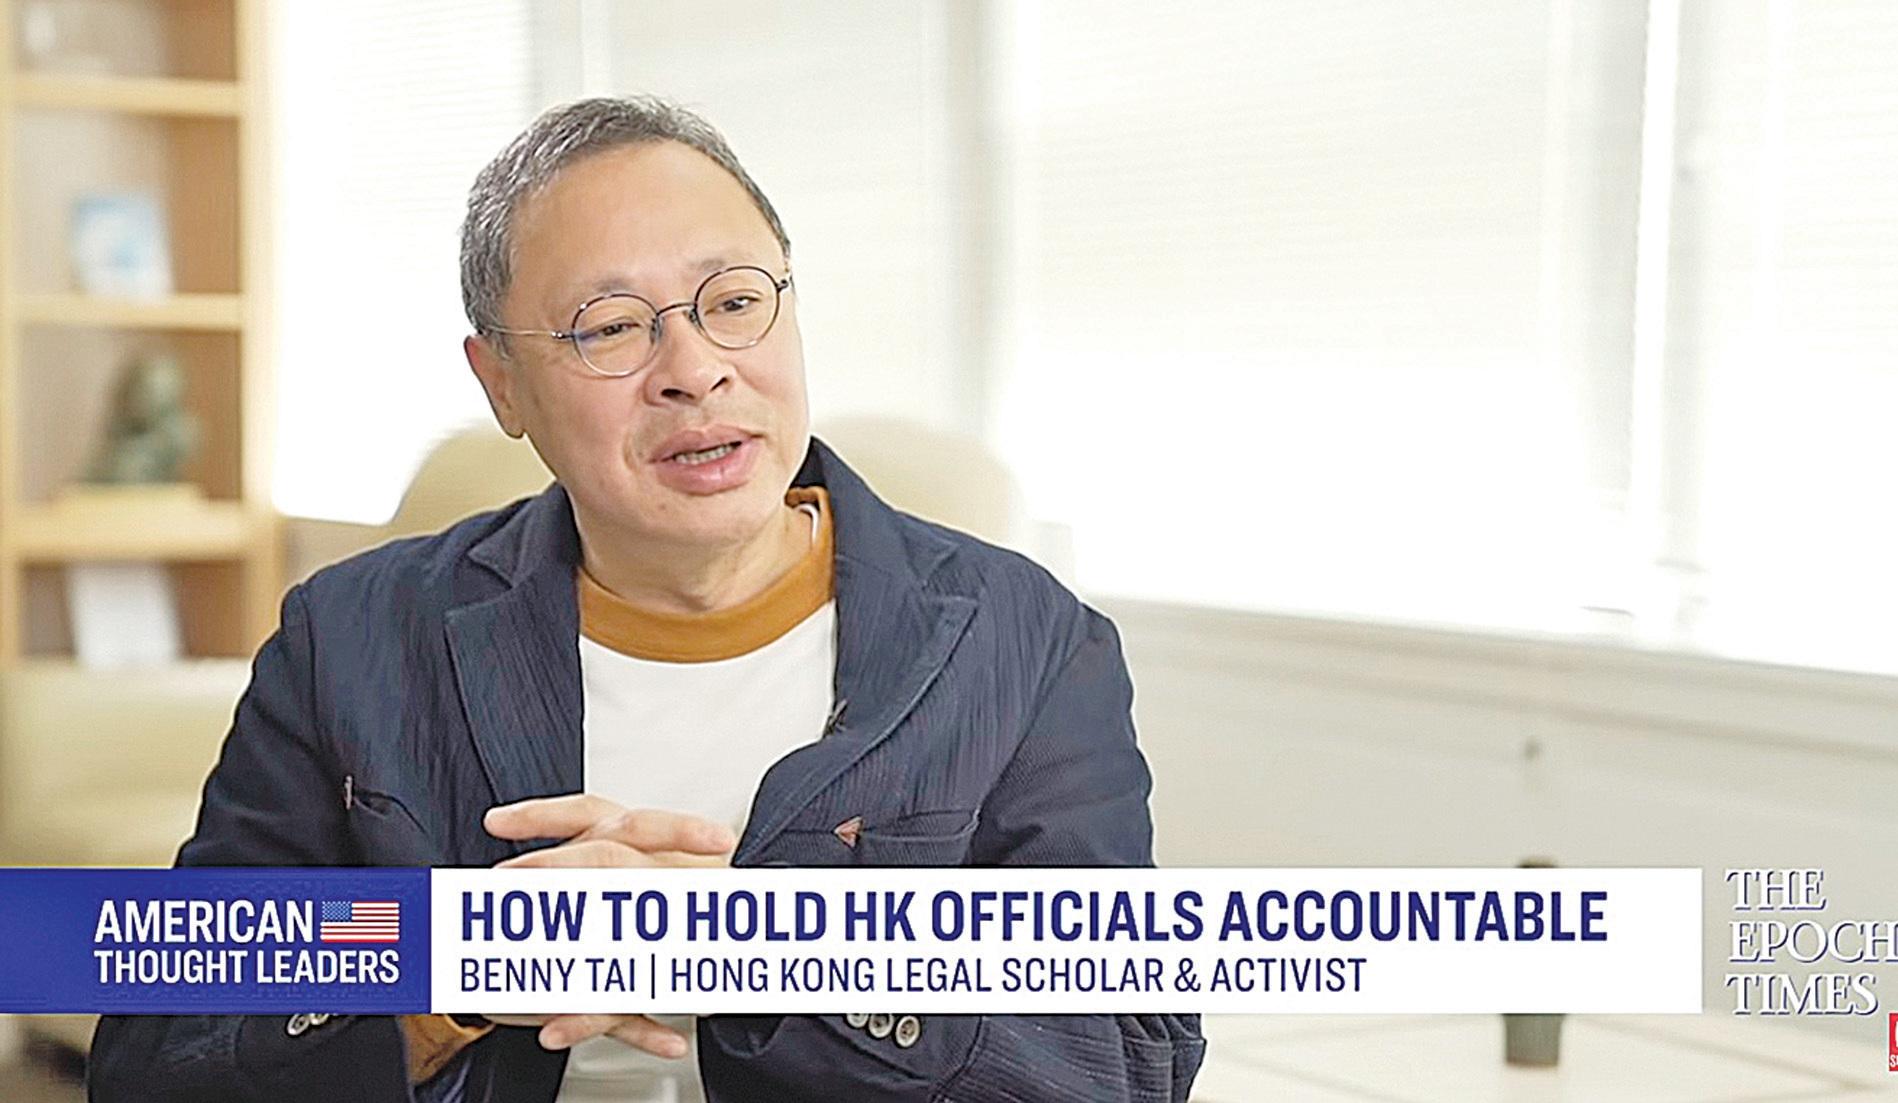 香港大學法律系副教授戴耀延。(影片截圖)